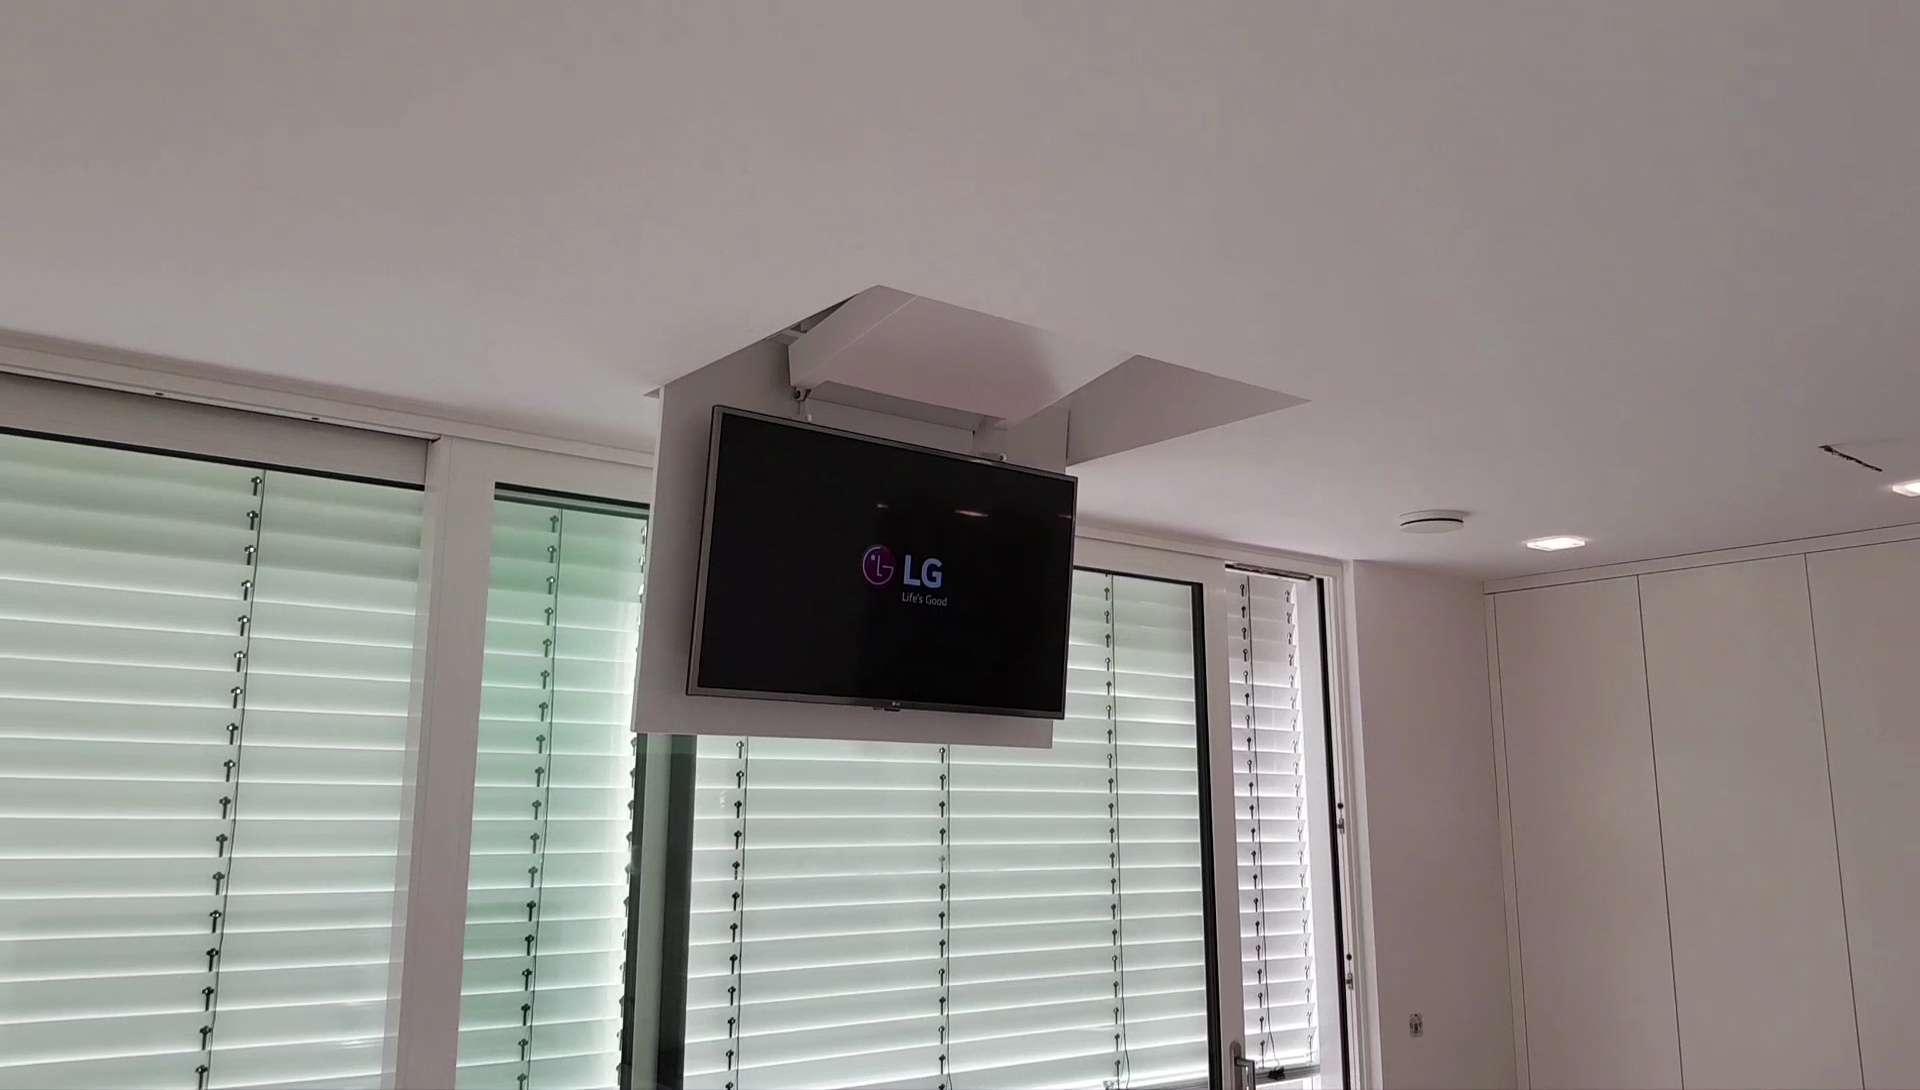 Ab in die Decke - dieser Fernseher ist nicht mehr zu sehen | Blog ...